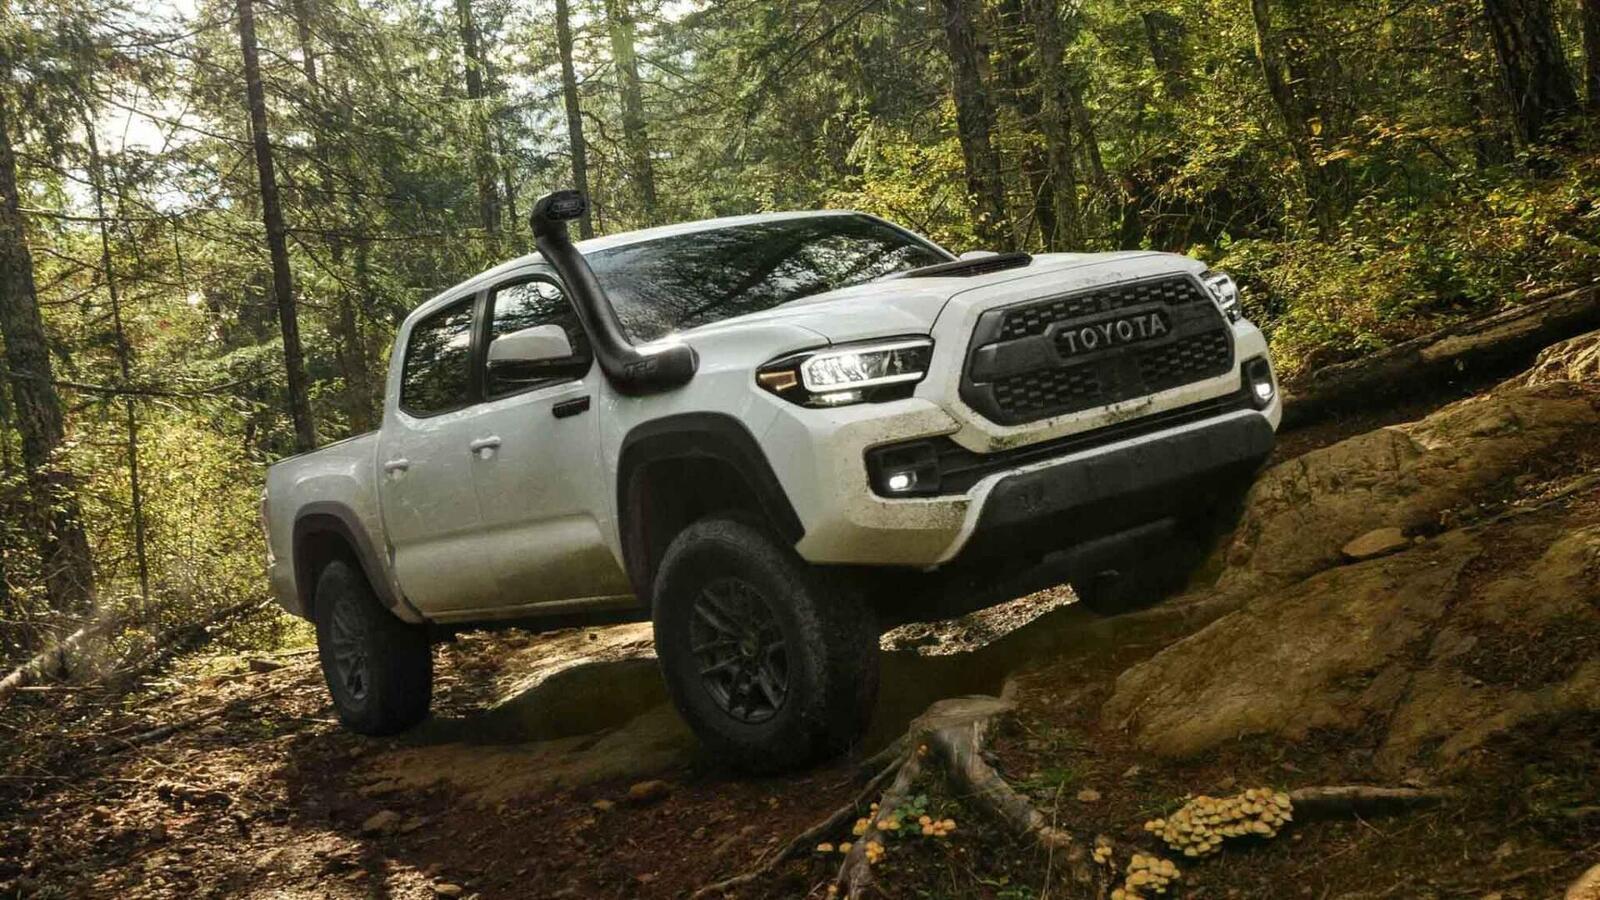 Xem trước bán tải Toyota Tacoma 2020 mới trước ngày ra mắt đối thủ đáng gờm của Ford Ranger - Hình 1